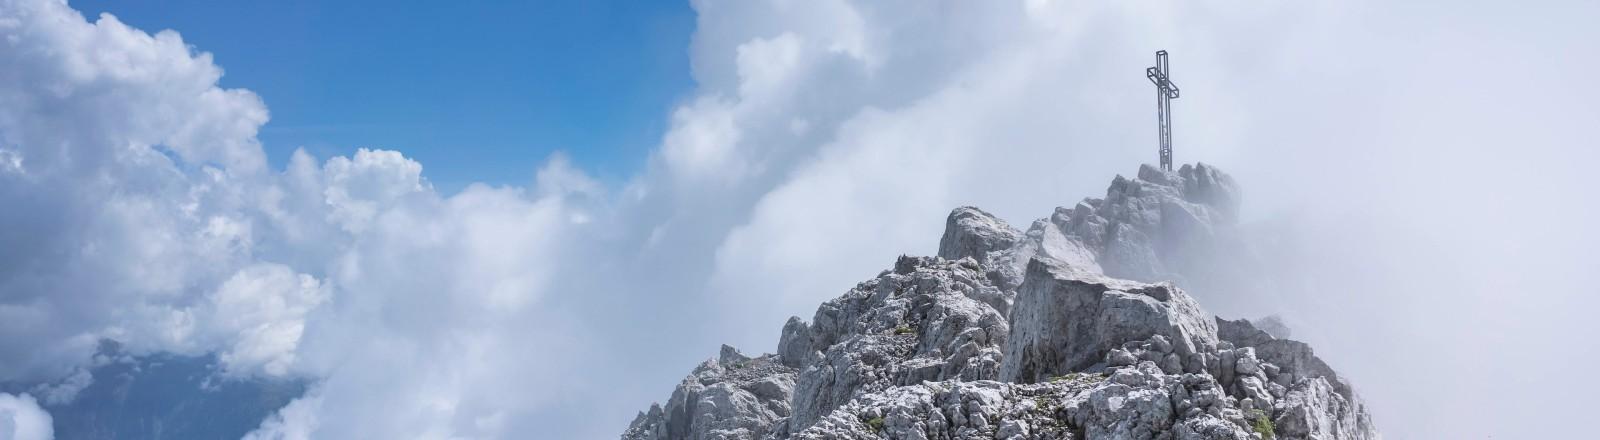 Ein Gipfelkreuz in den Bergen